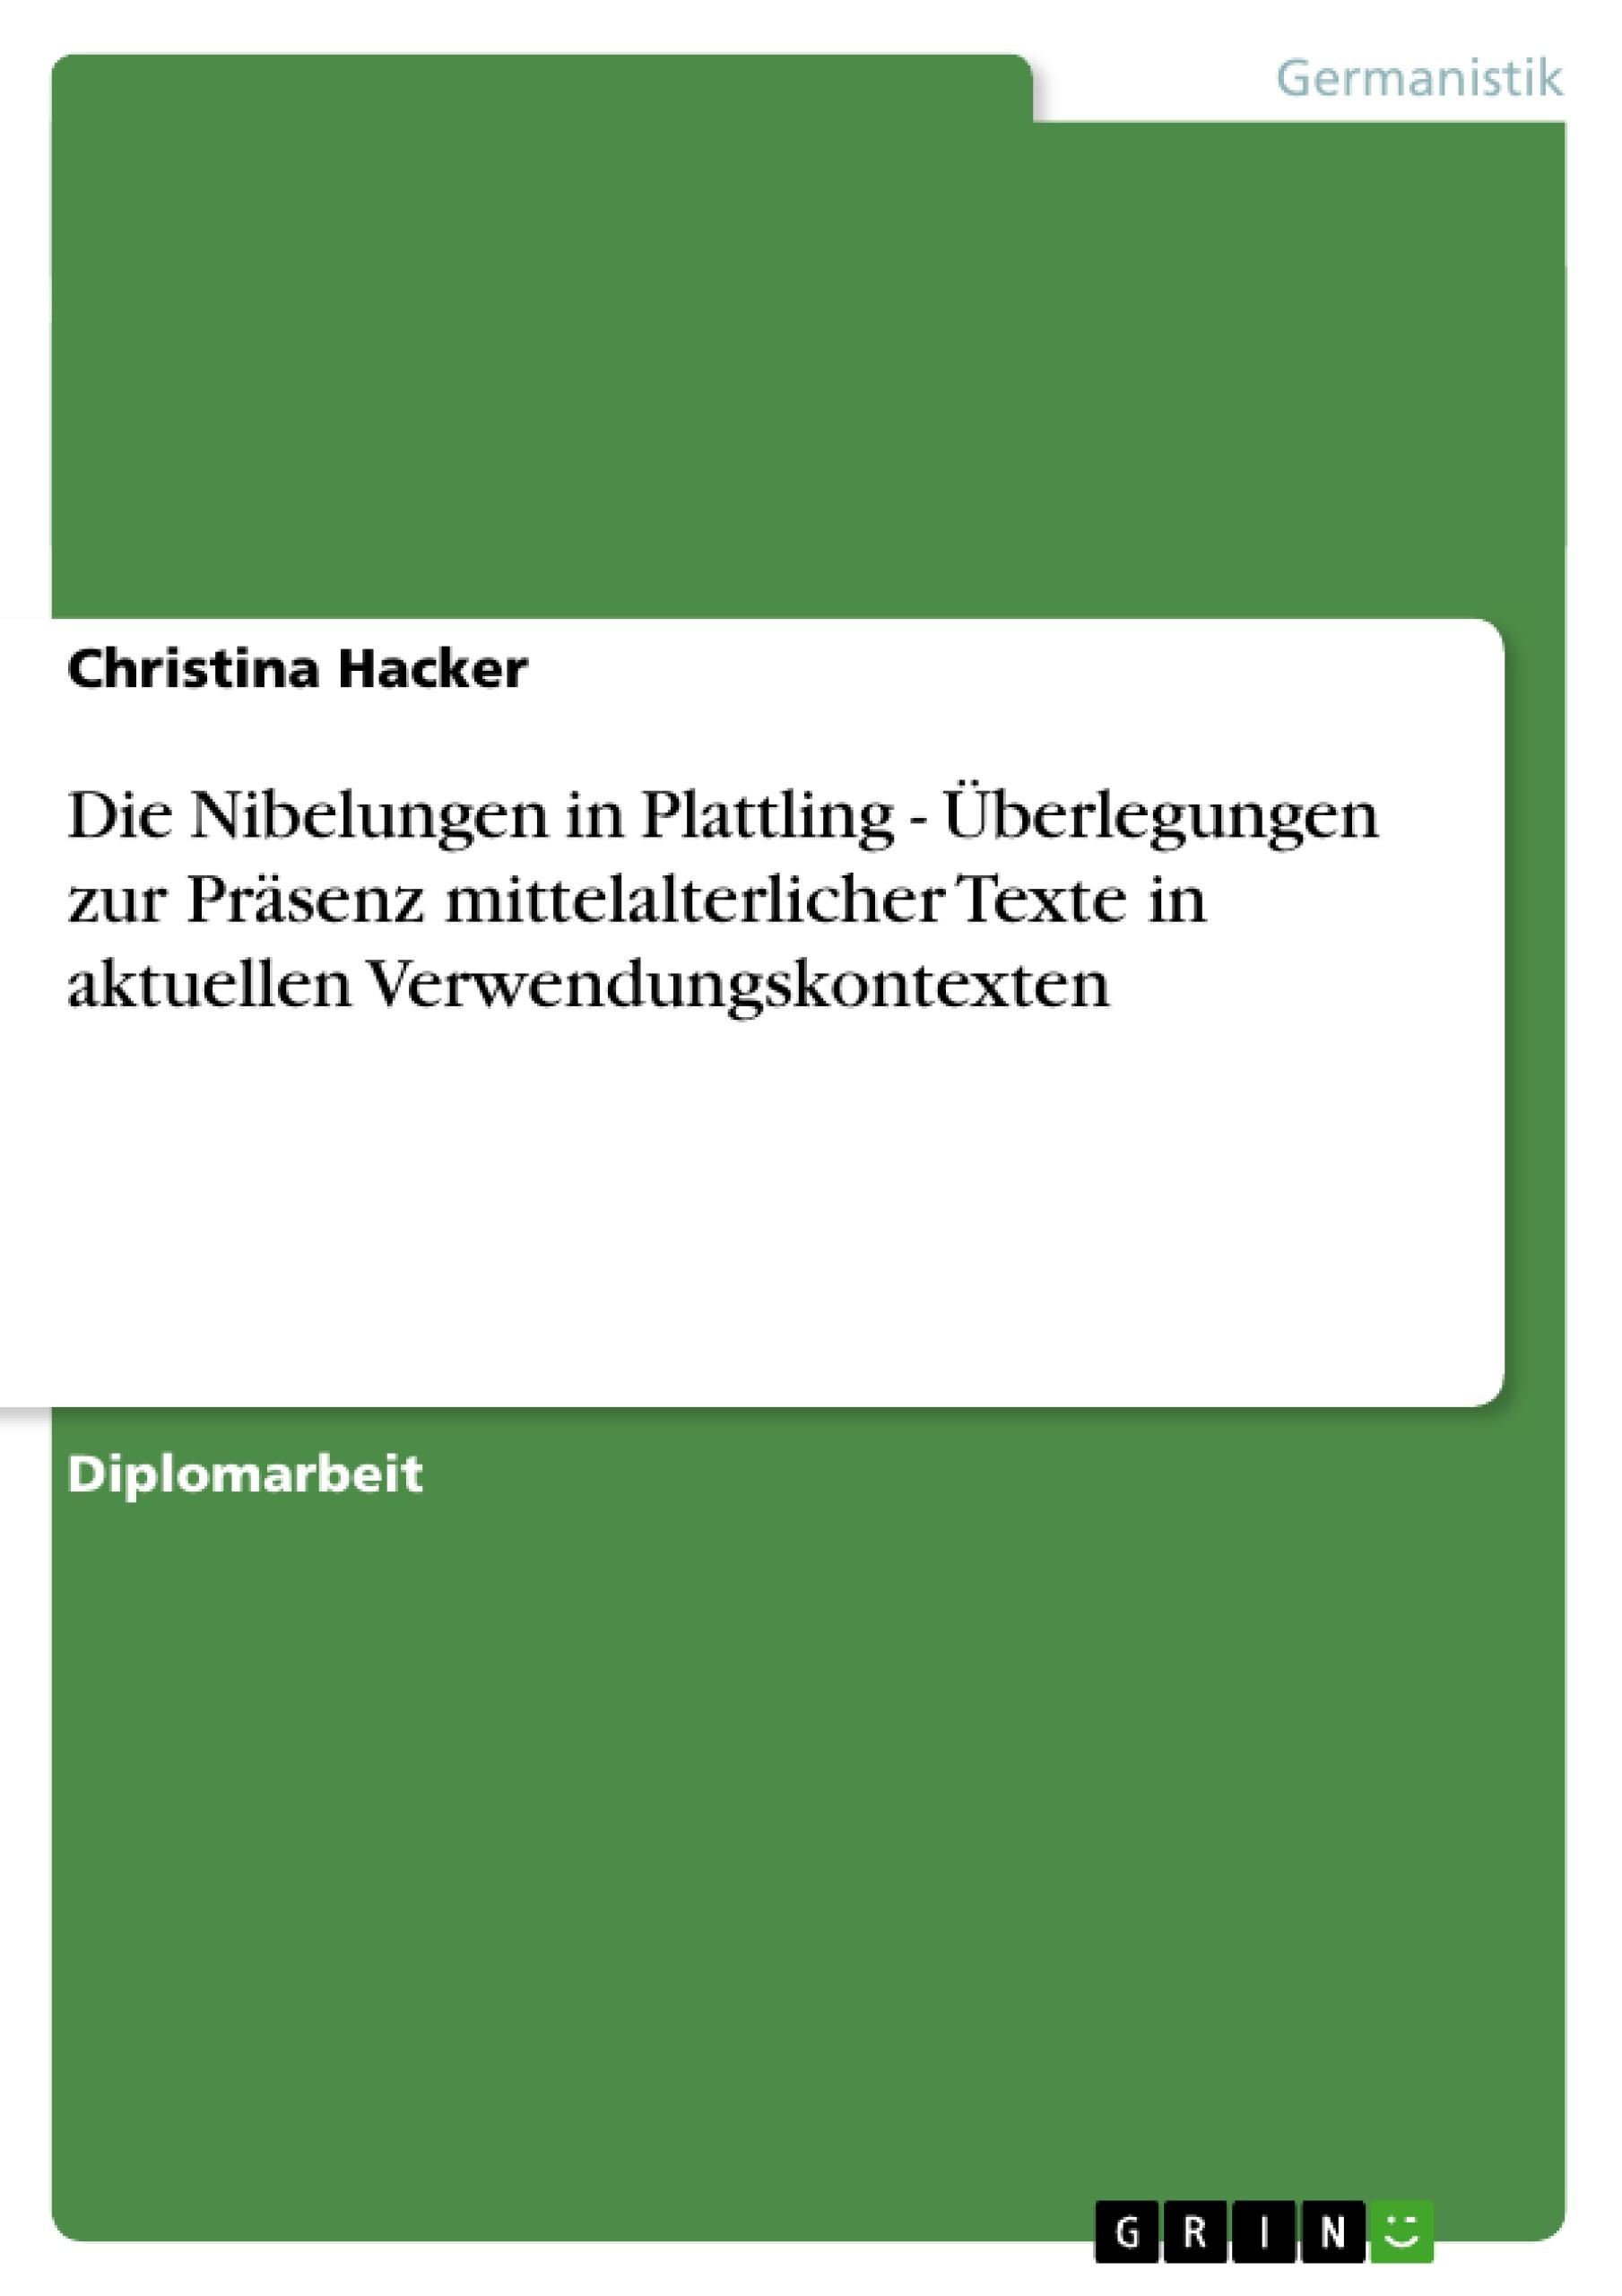 Titel: Die Nibelungen in Plattling - Überlegungen zur Präsenz mittelalterlicher Texte in aktuellen Verwendungskontexten